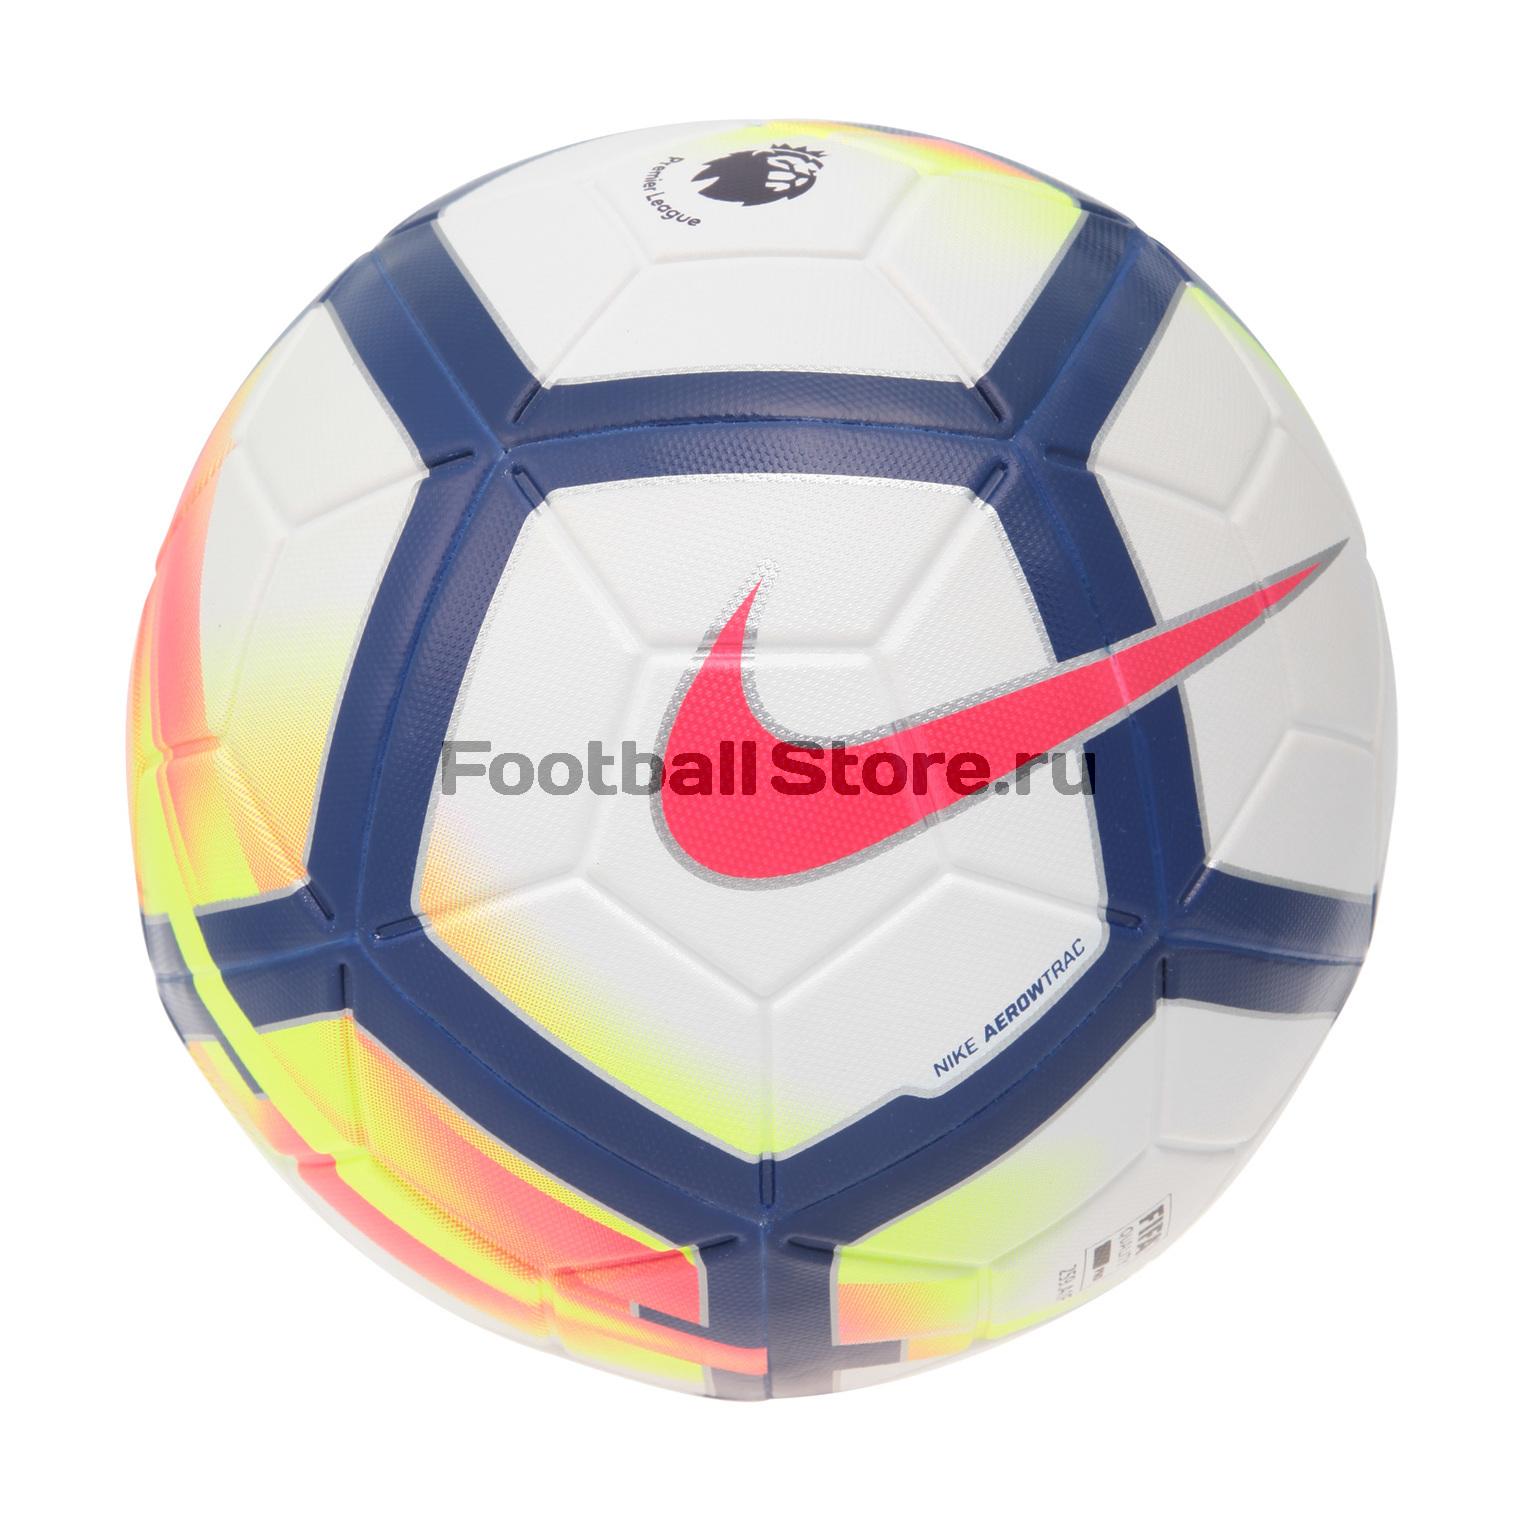 все цены на Футбольный мяч Nike Premier League Magia SC3160-100